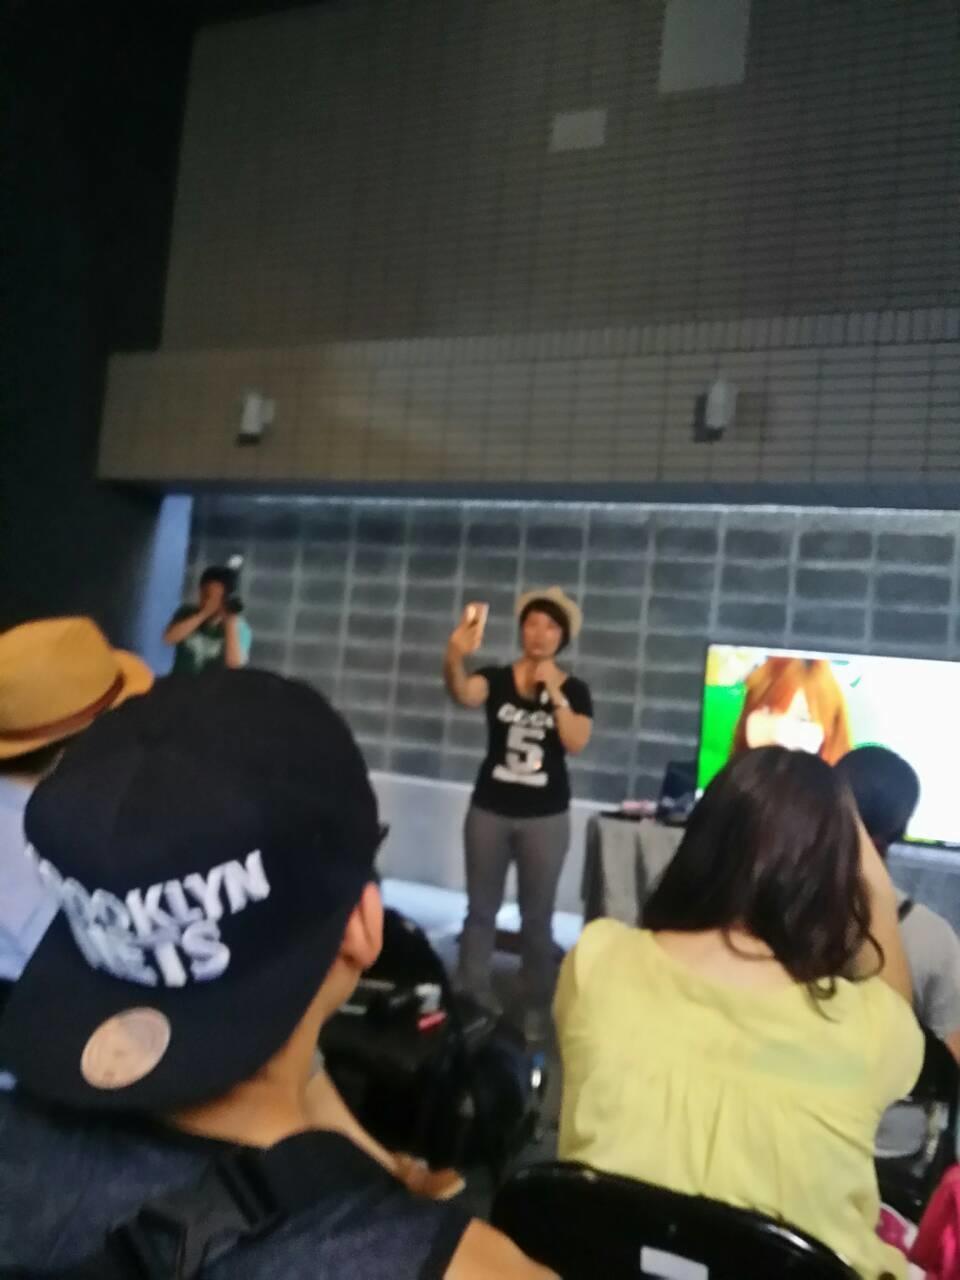 [市場脈動] 榀house 用手機說故事 2016-07-23 003.jpg